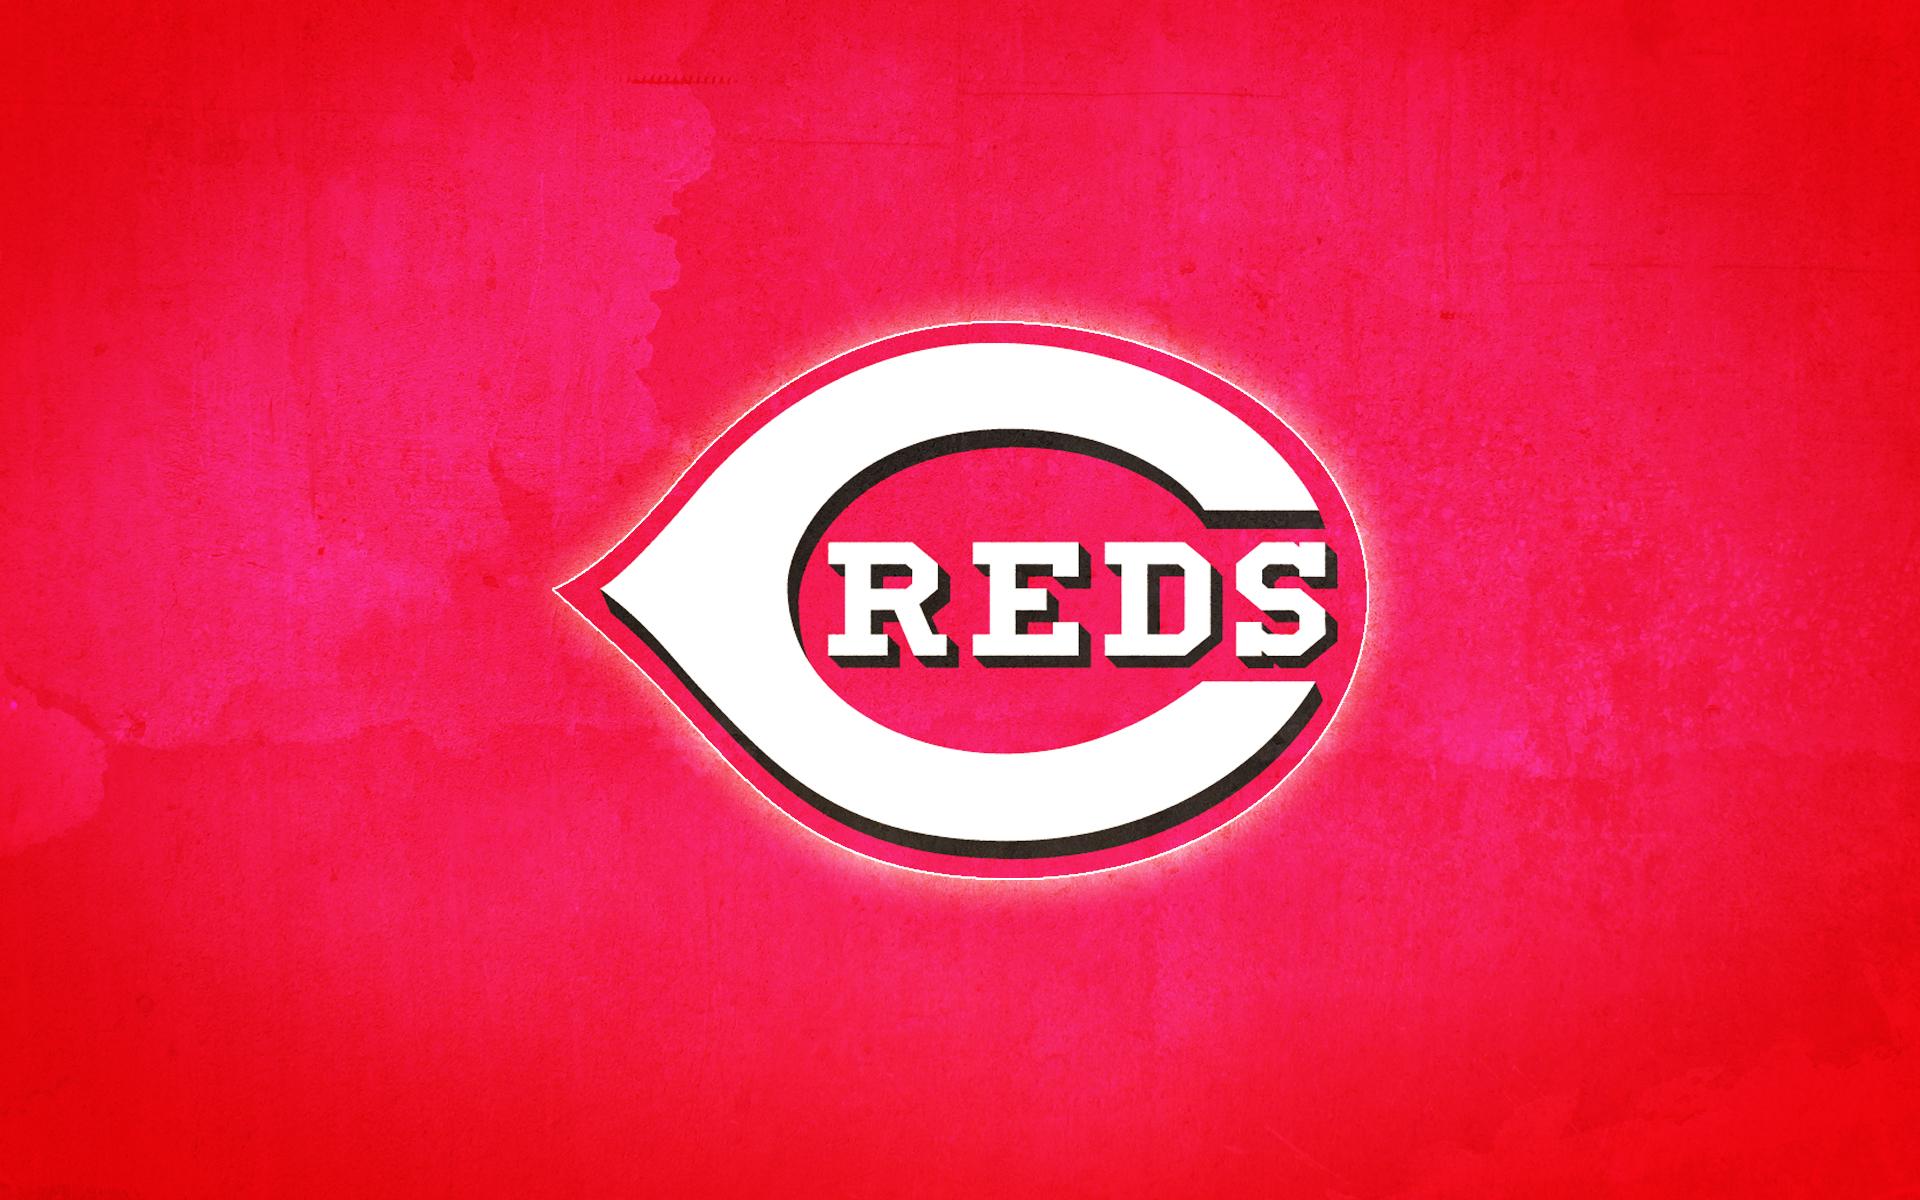 reds wallpaper 13563